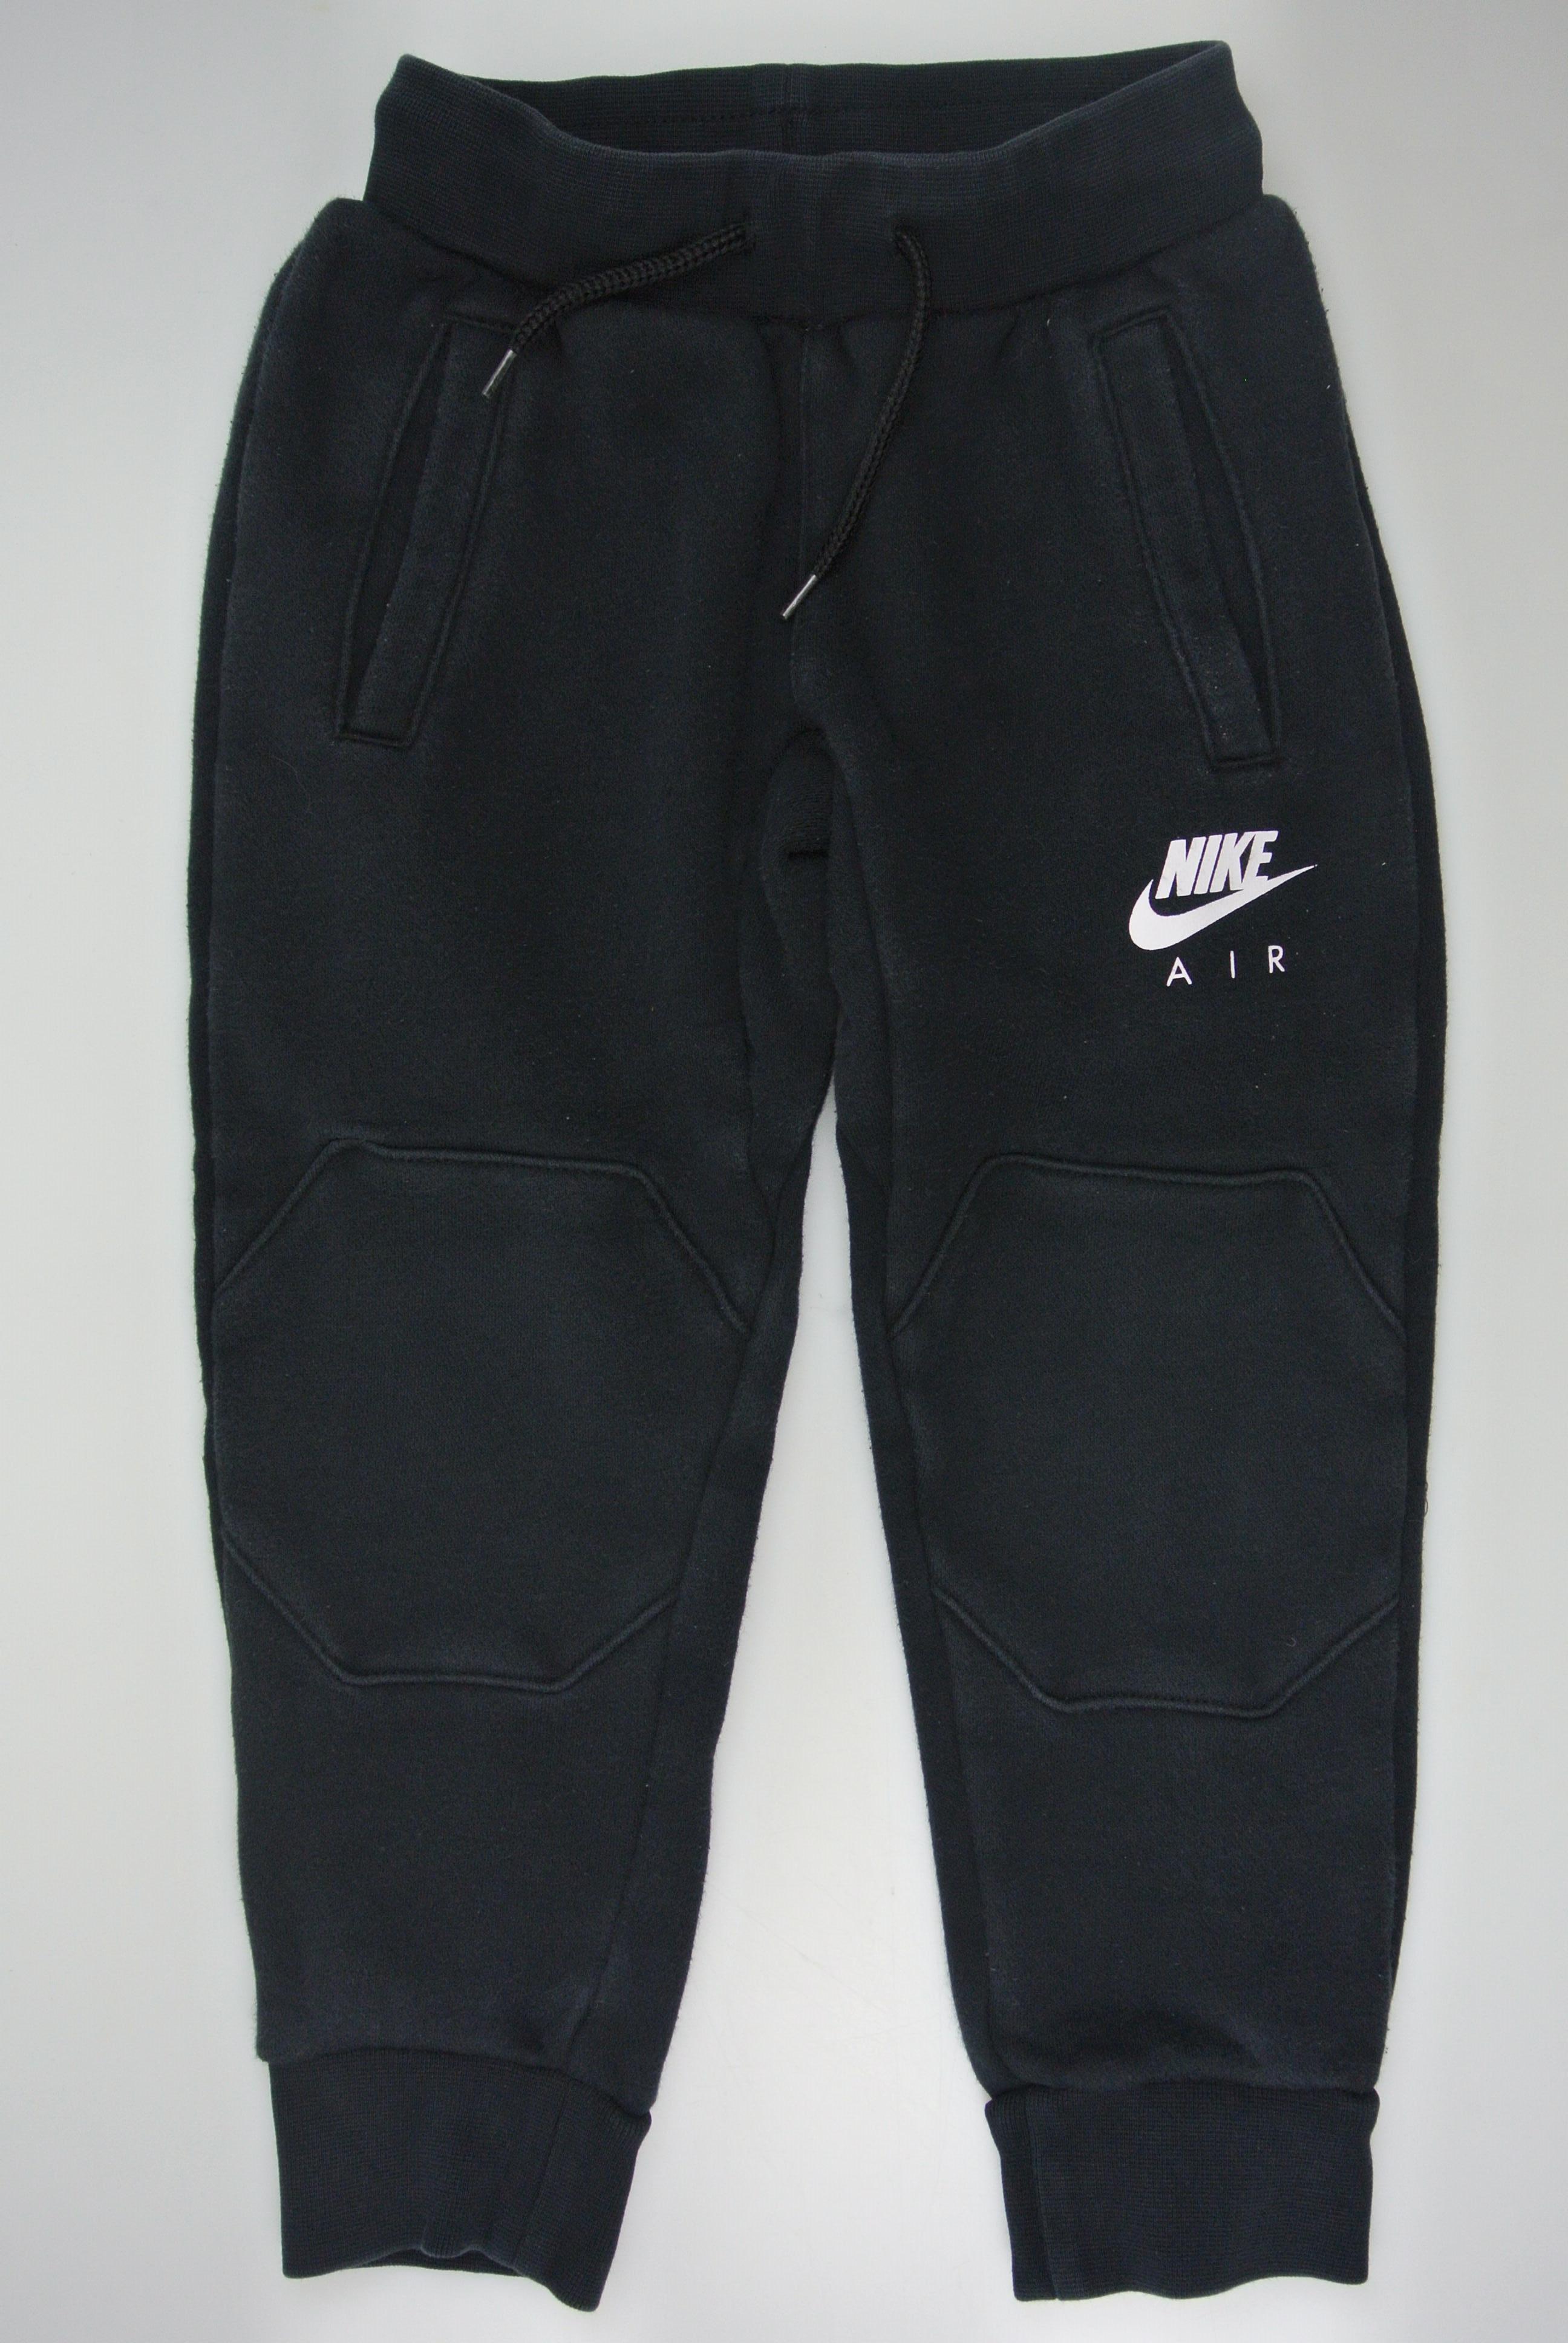 Nike bukser str 96-104 dreng